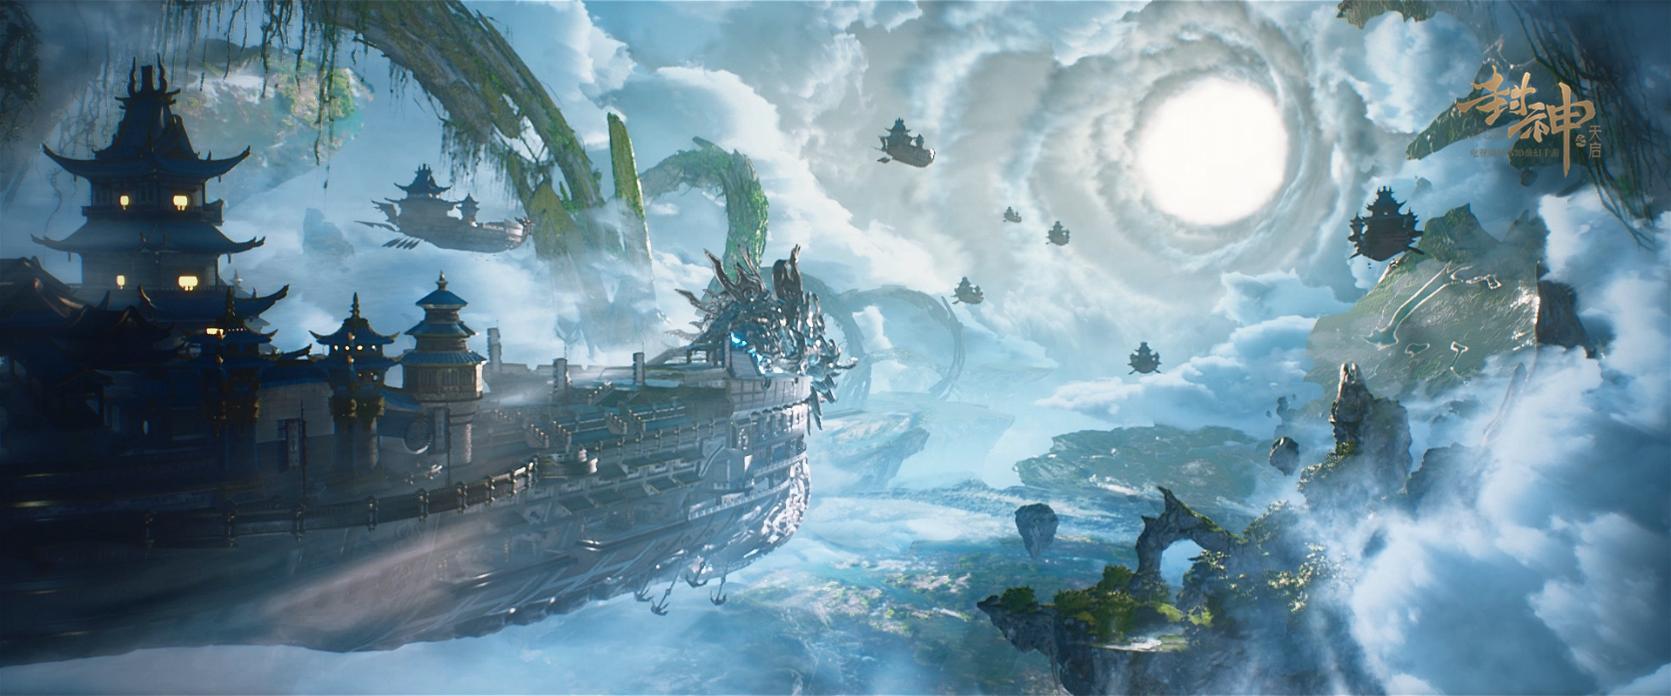 《封神之天启》CG首曝 带你领略仙幻世界的视觉震撼